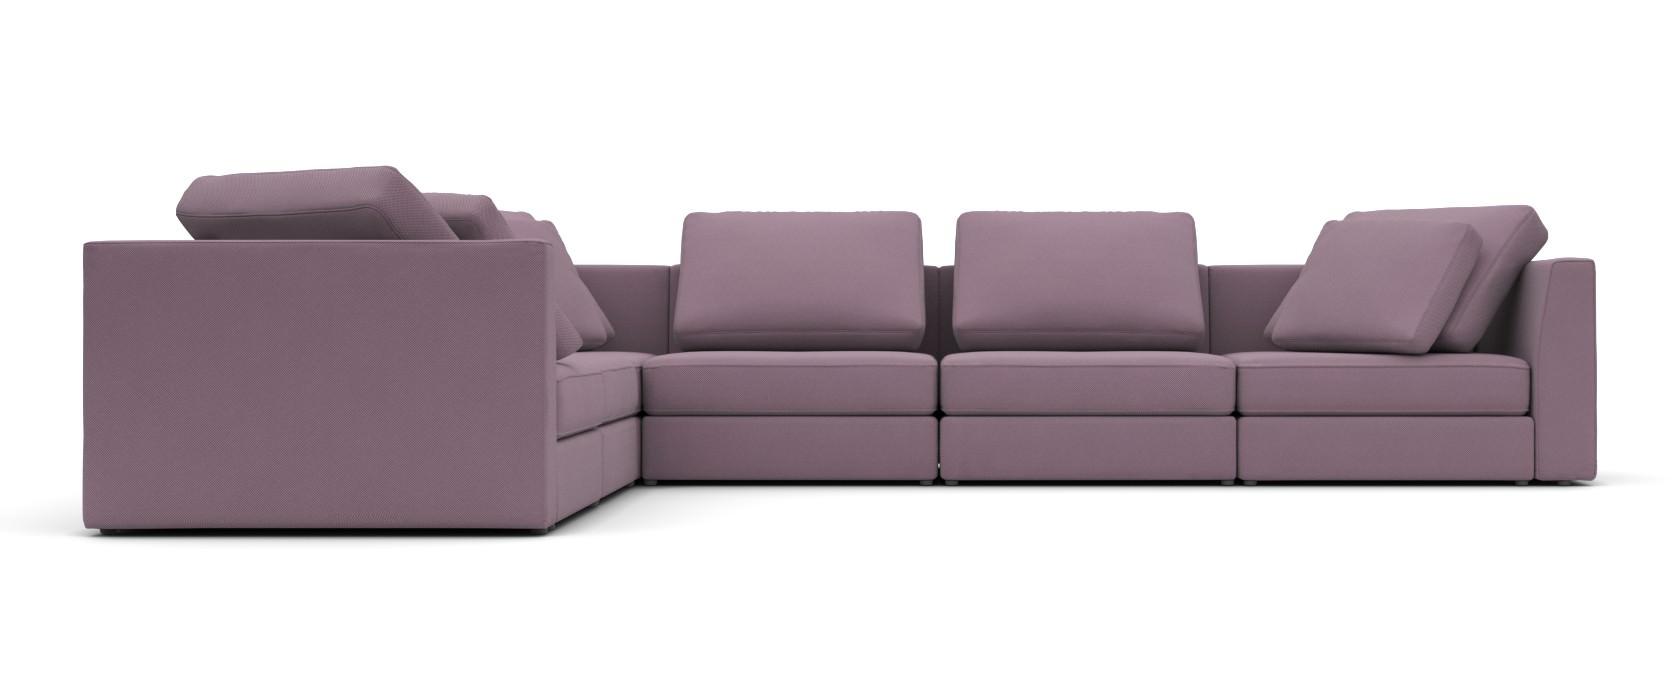 Модульний диван Lisboa 396x306 - Pufetto